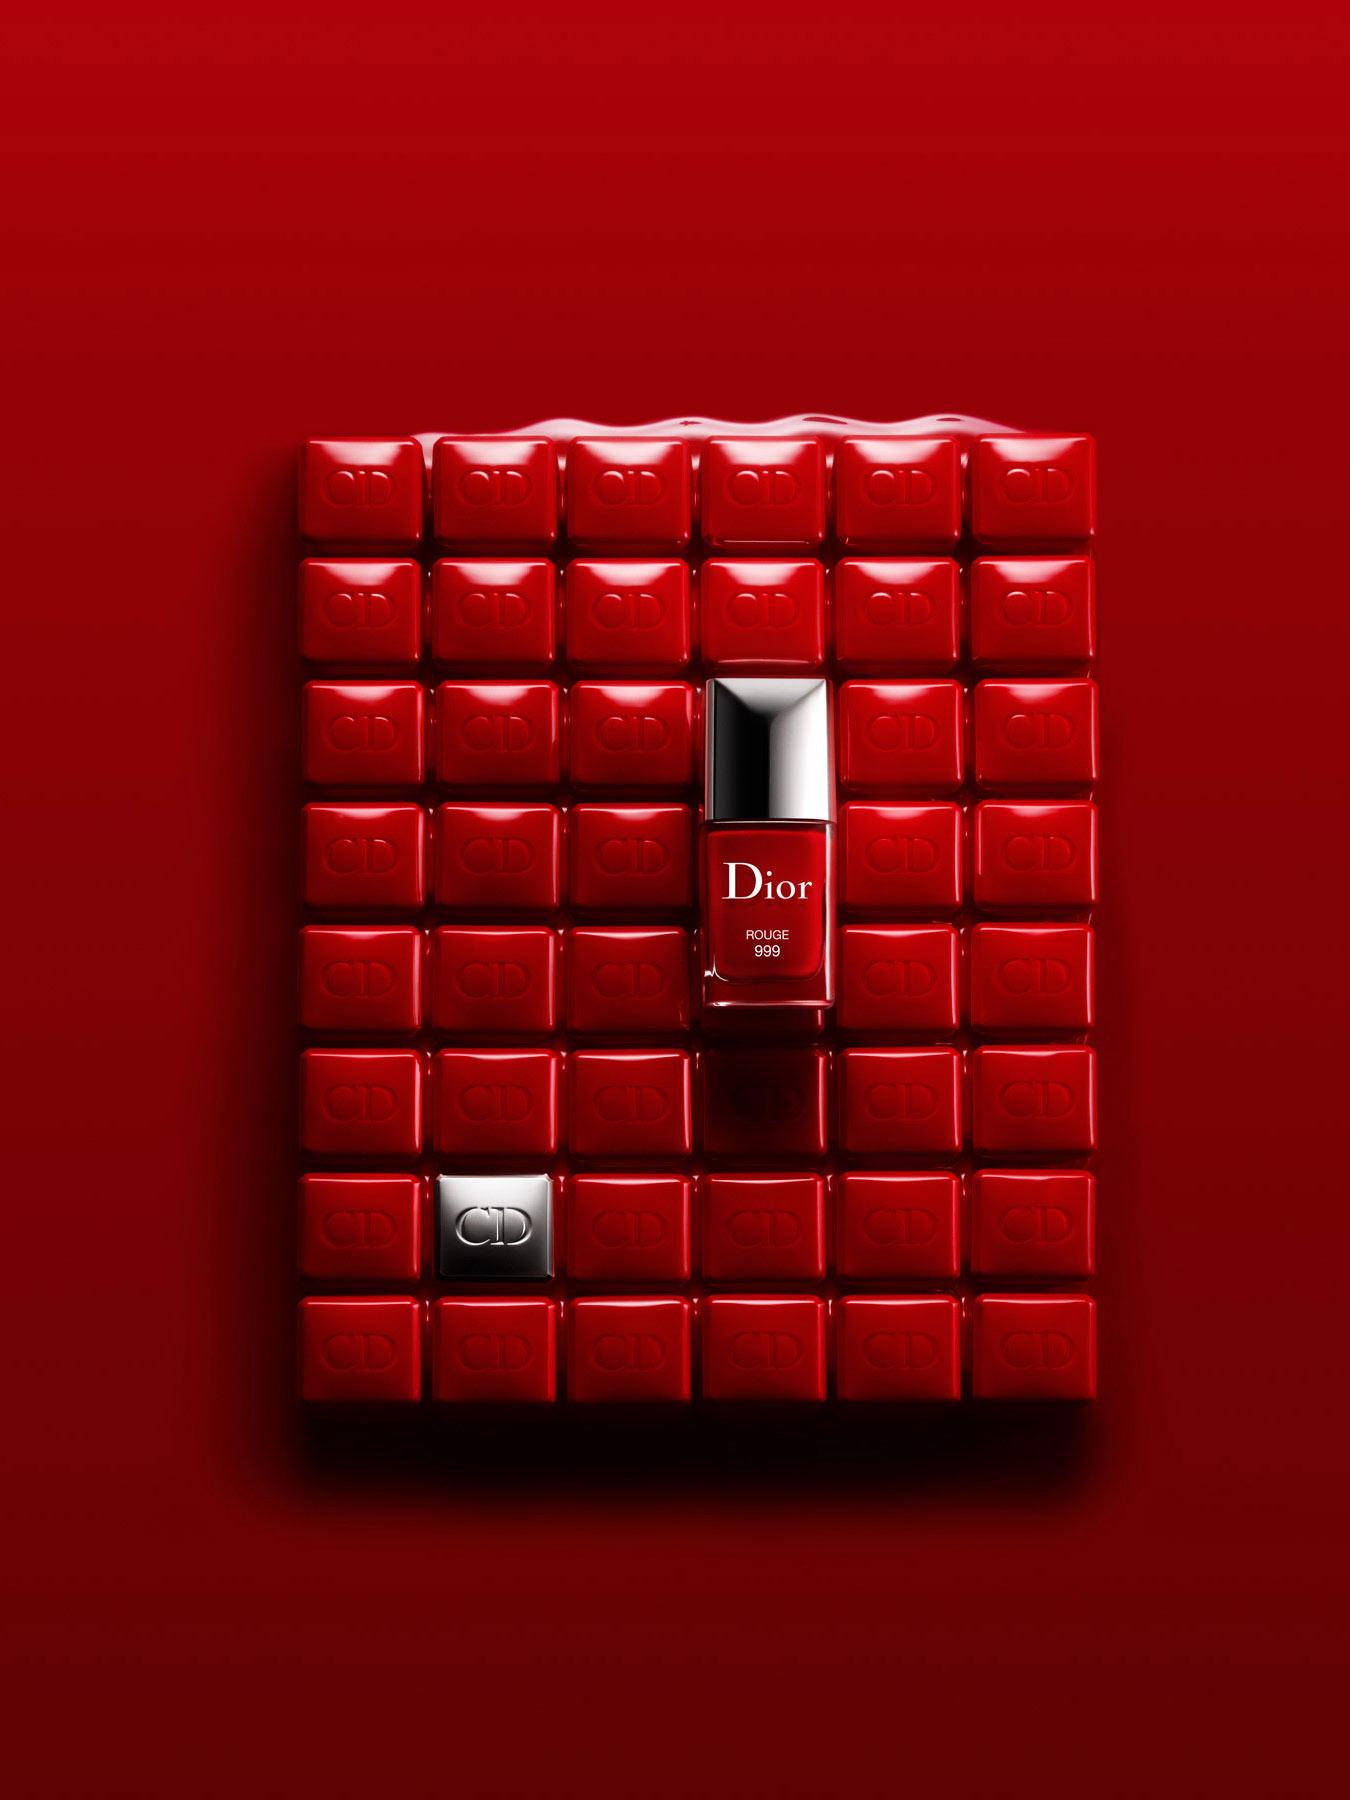 c02dior_rouge